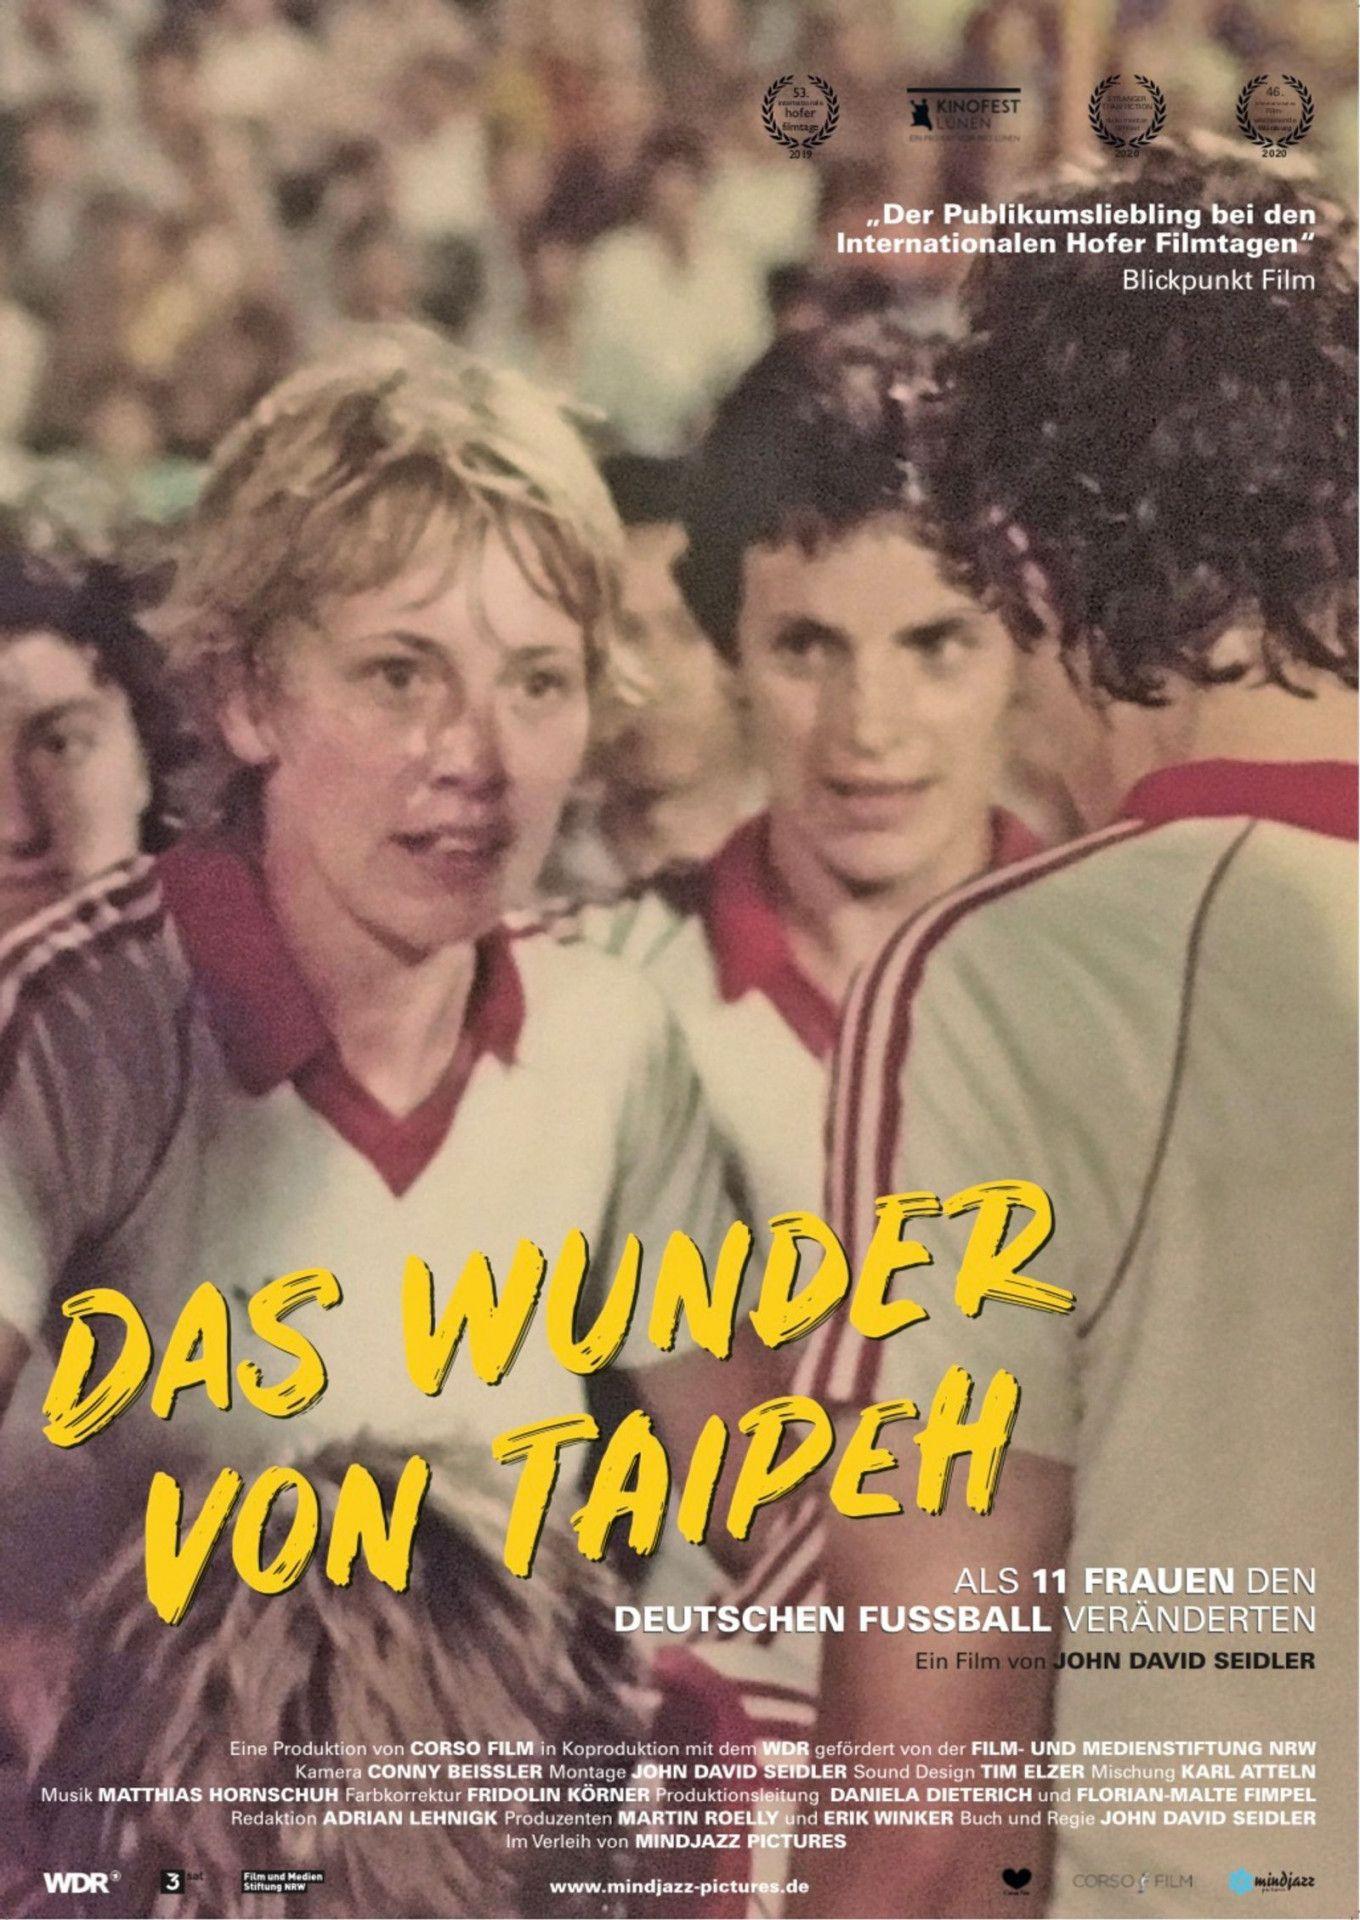 """Der Dokumentarfilm """"Das Wunder von Taipeh"""" zeigt, wie ein deutsches Team 1981 eine inoffizielle Fußball-WM der Frauen gewann."""